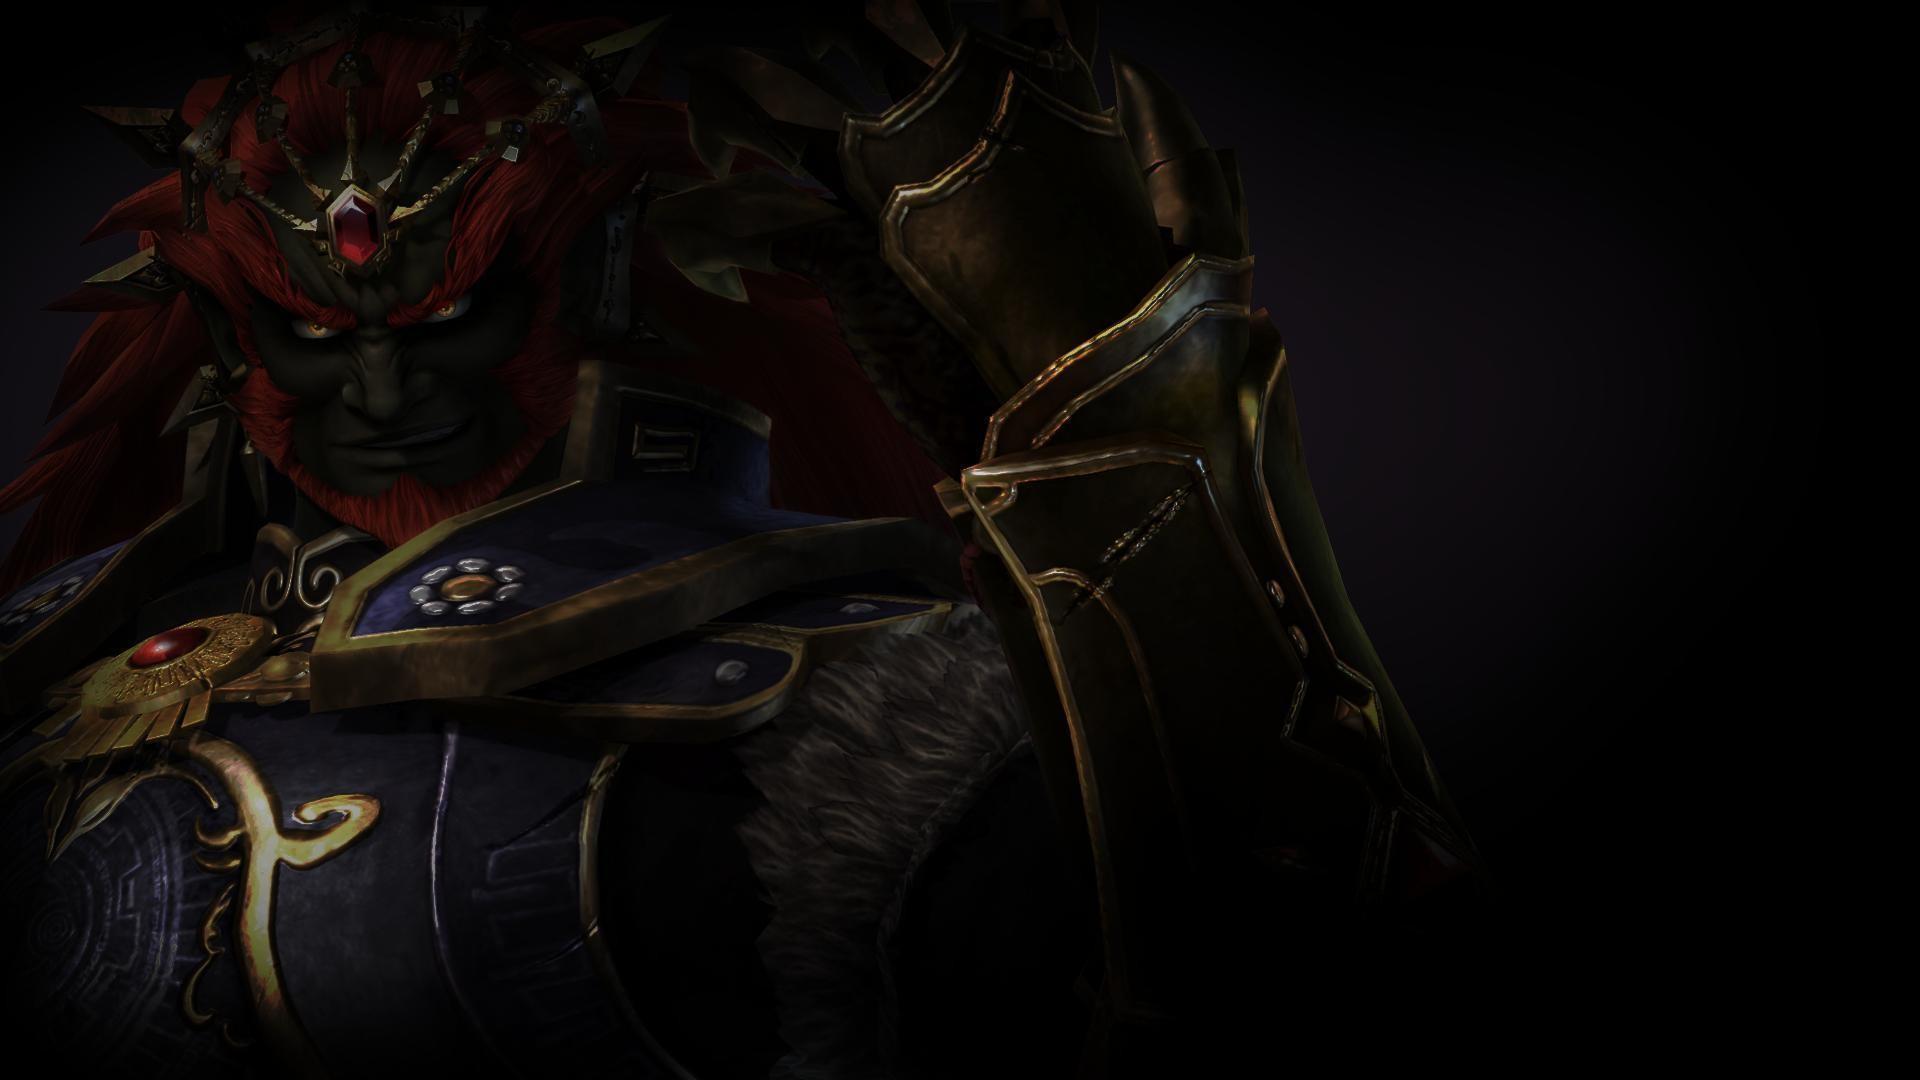 Hyrule Warriors Ganondorf Wallpaper by MachRiderZ on DeviantArt